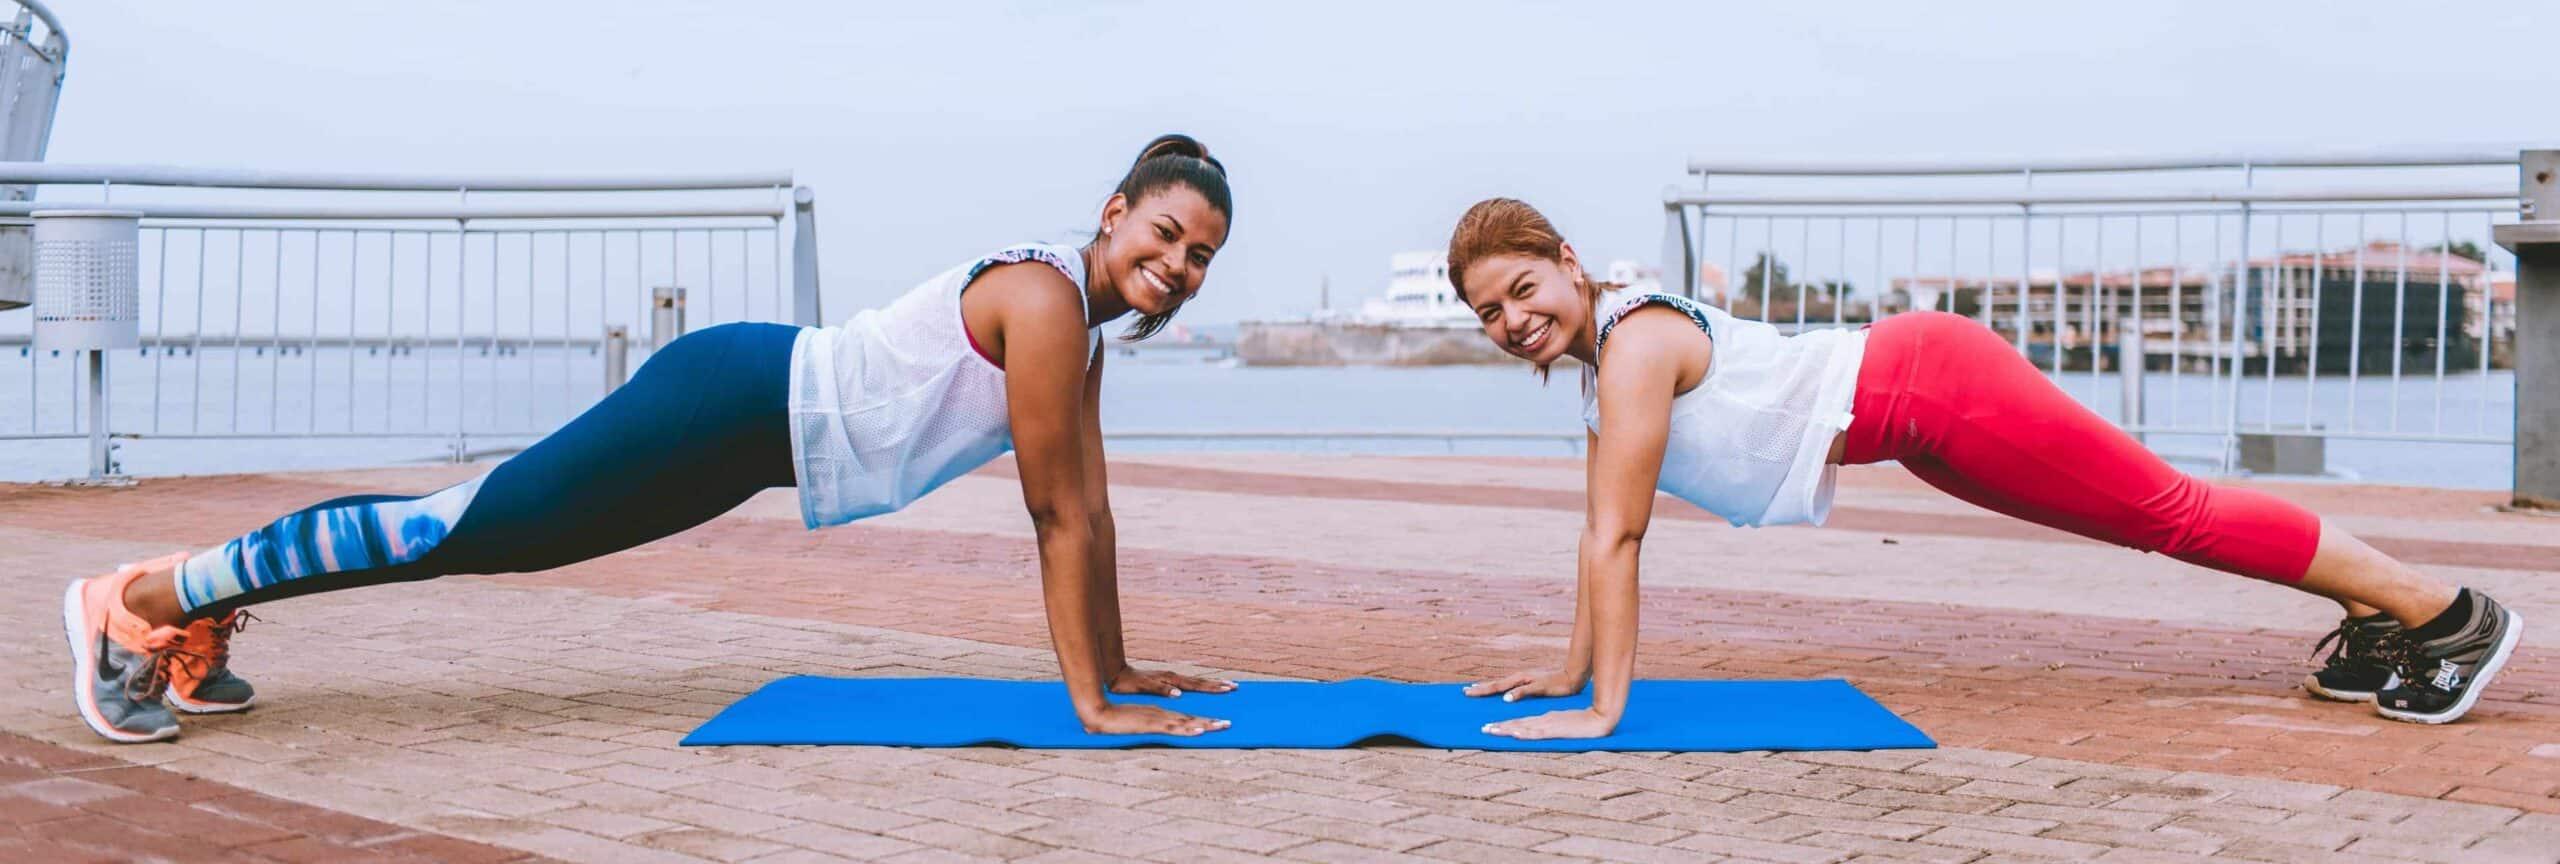 two smiling women exercising